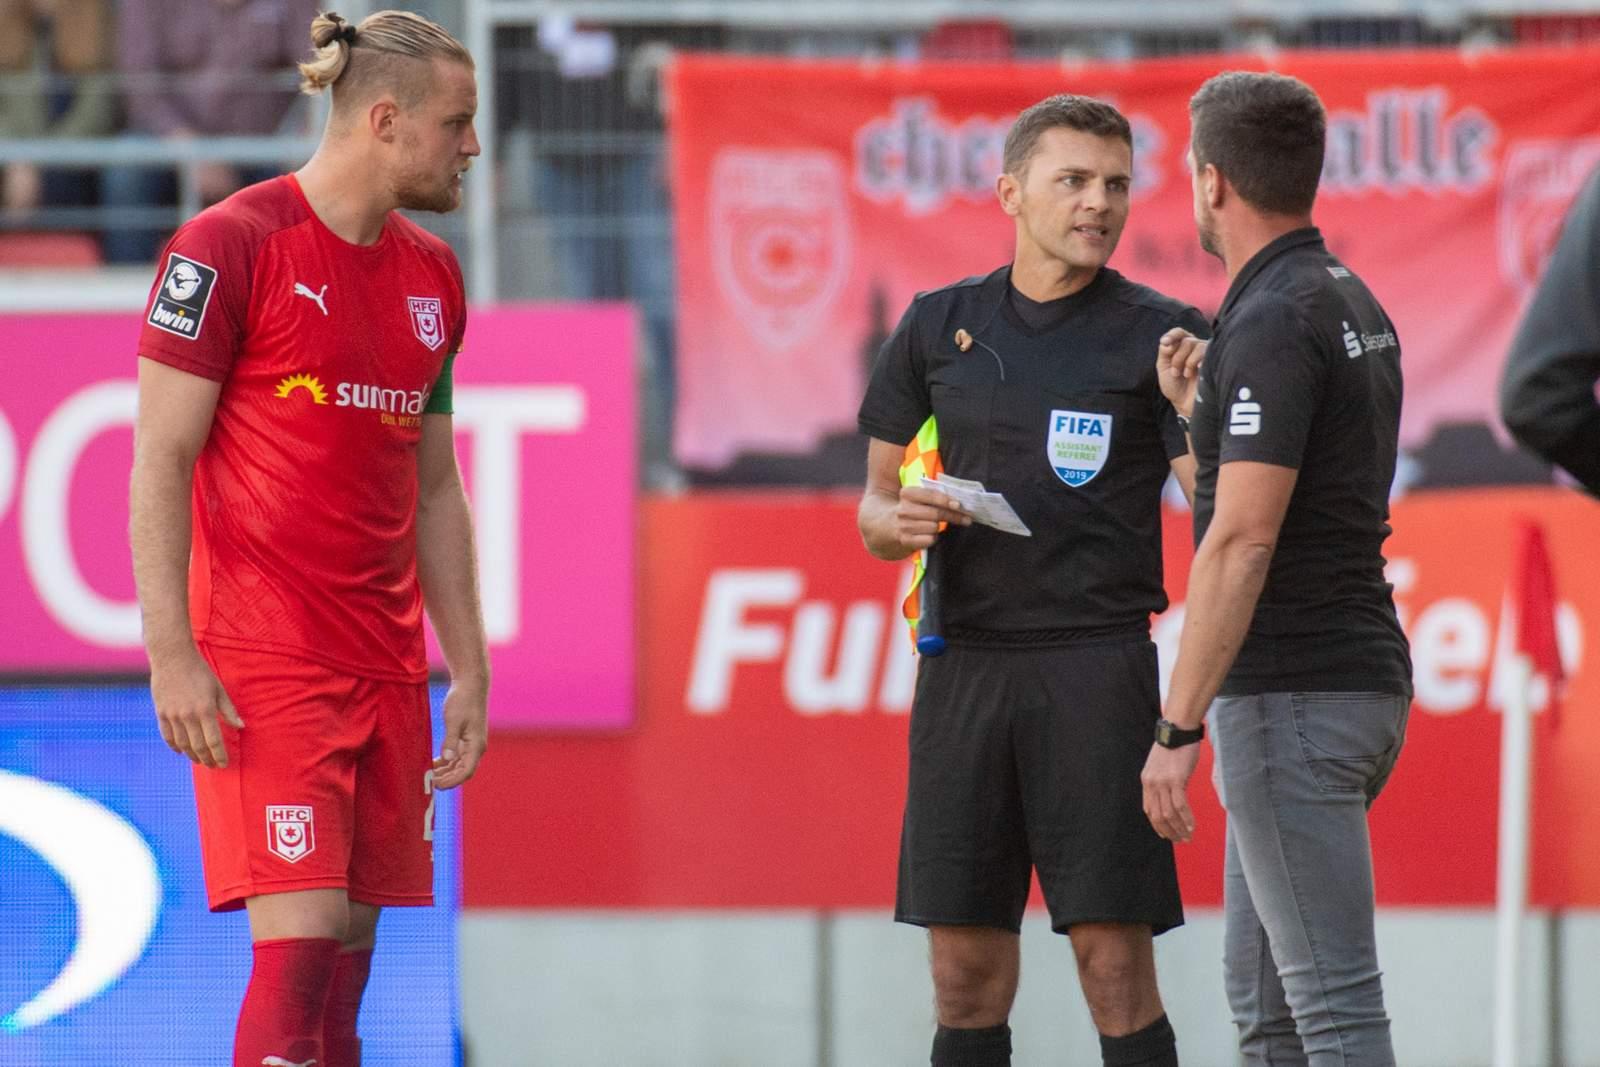 Sebastian Mai und Torsten Ziegner diskutieren mit dem Schiedsrichter-Assistenten